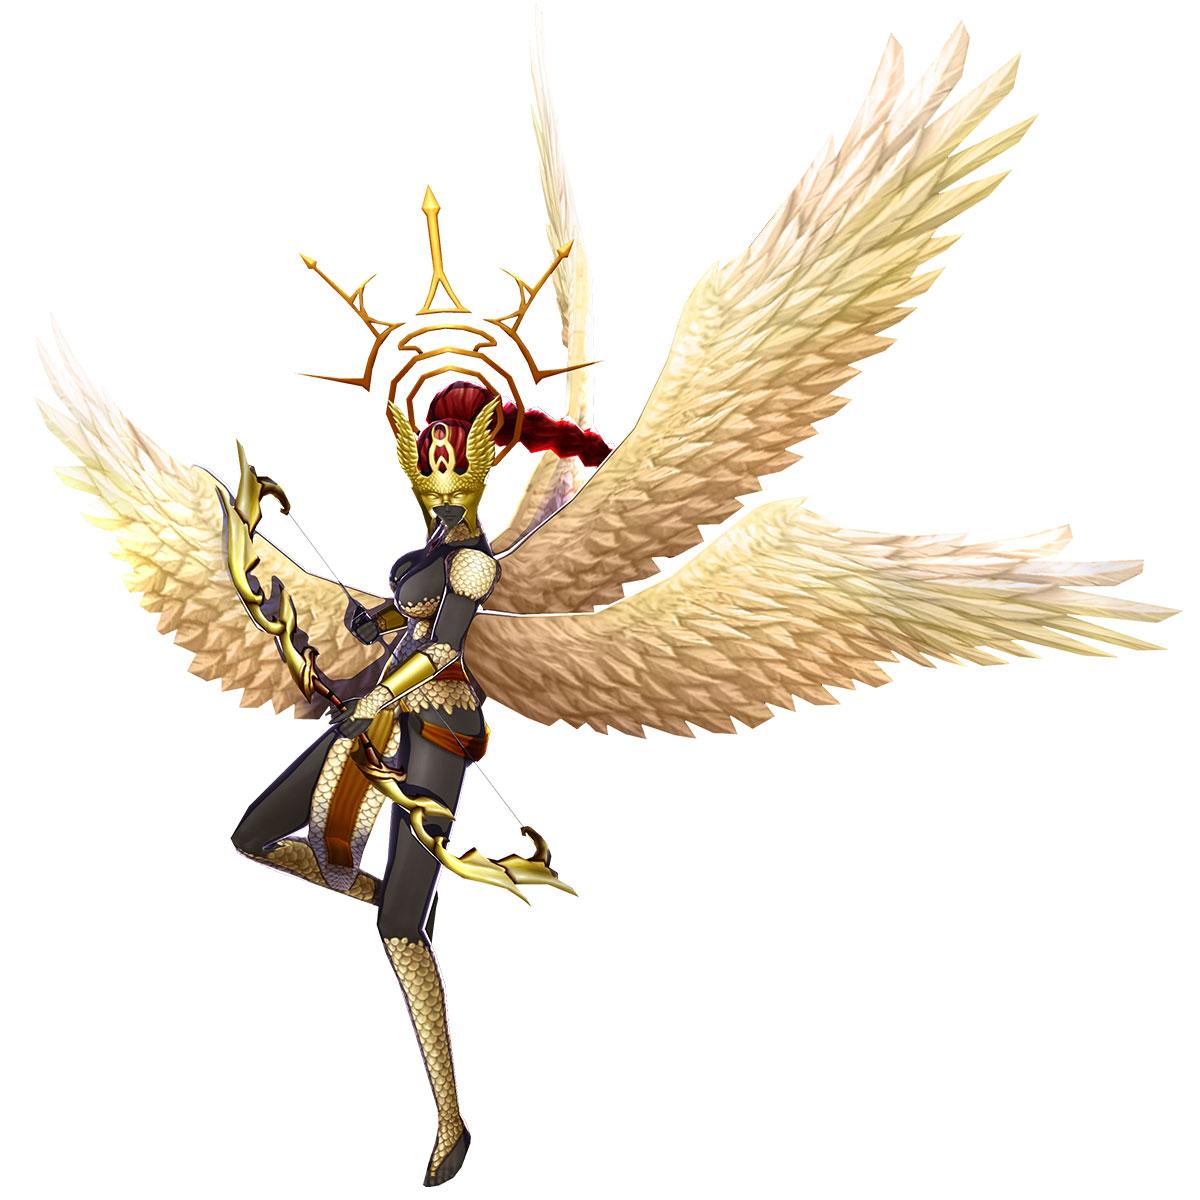 enishの新作RPG『De:Lithe~忘却の真王と盟約の天使~』のモンスター情報が公開!